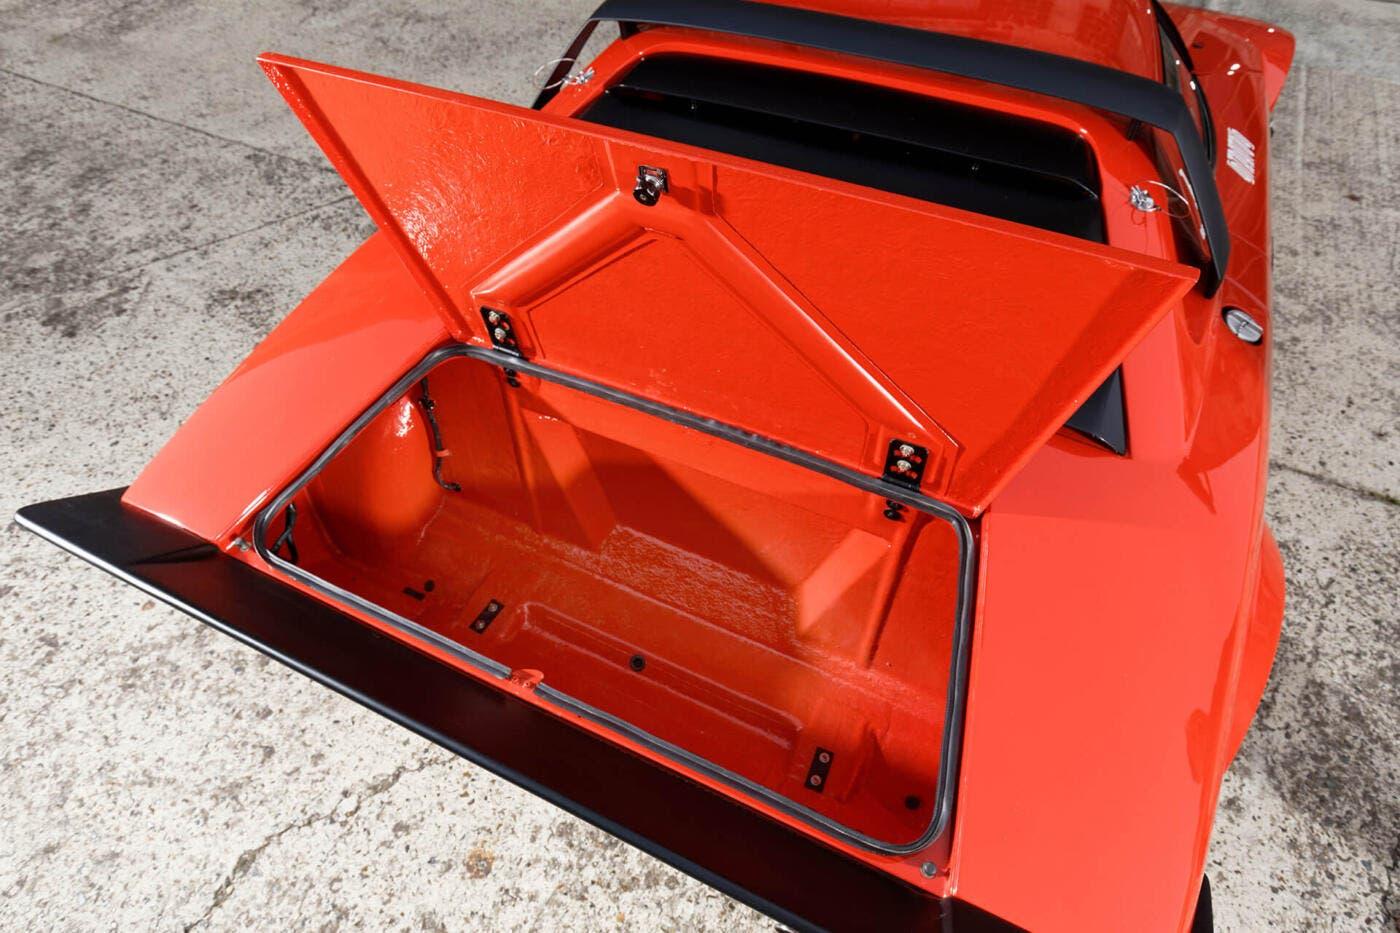 Lancia Stratos HF Girardo & Co